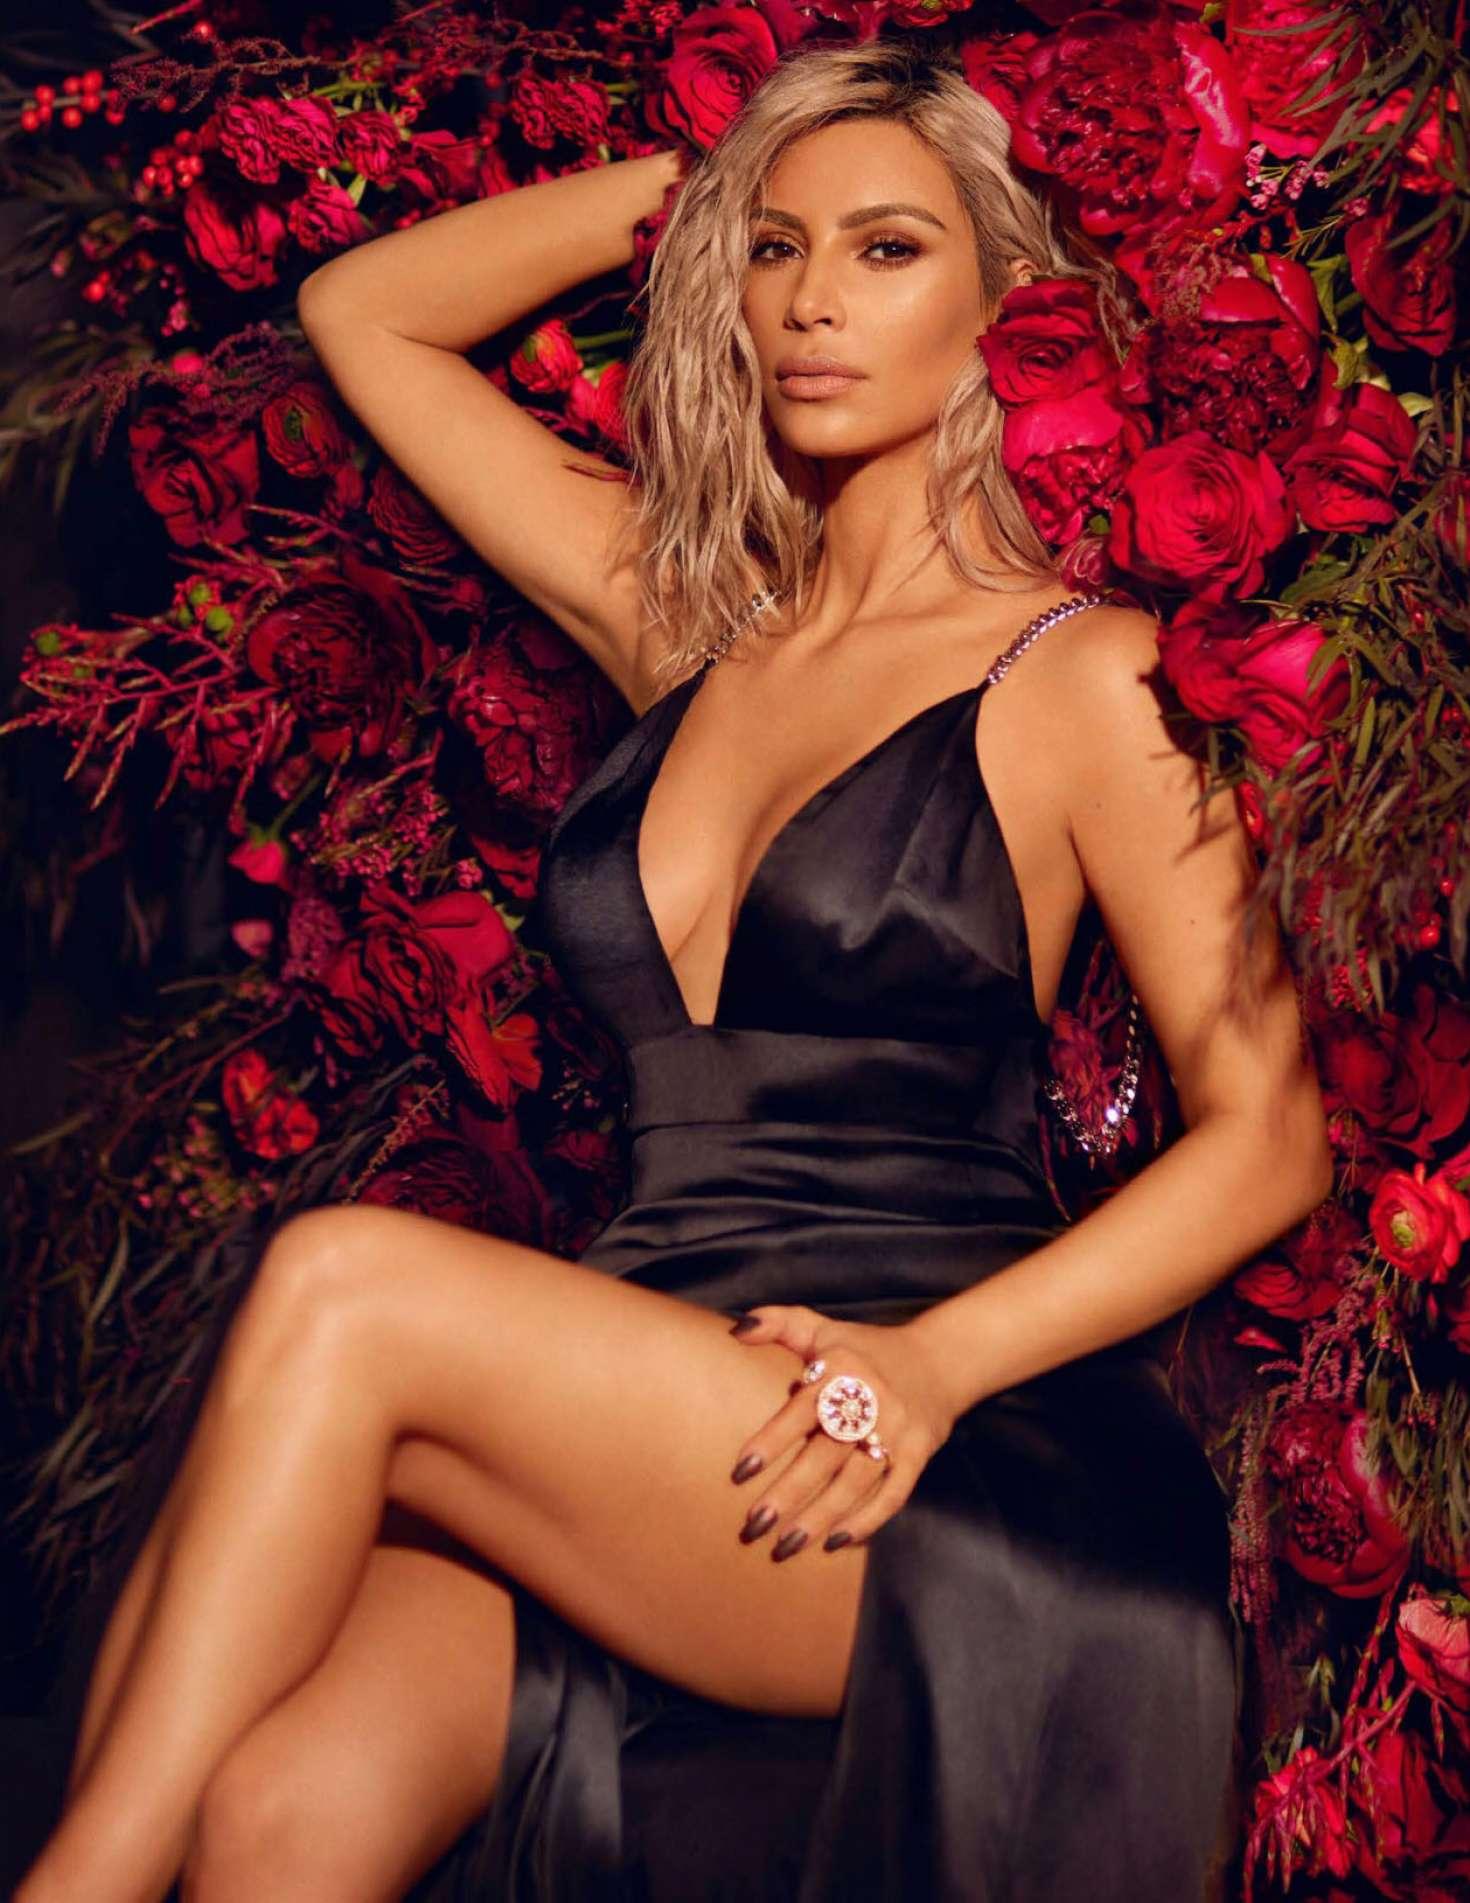 Kim Kardashian 2018 : Kim Kardashian: Vogue India 2018 adds -26